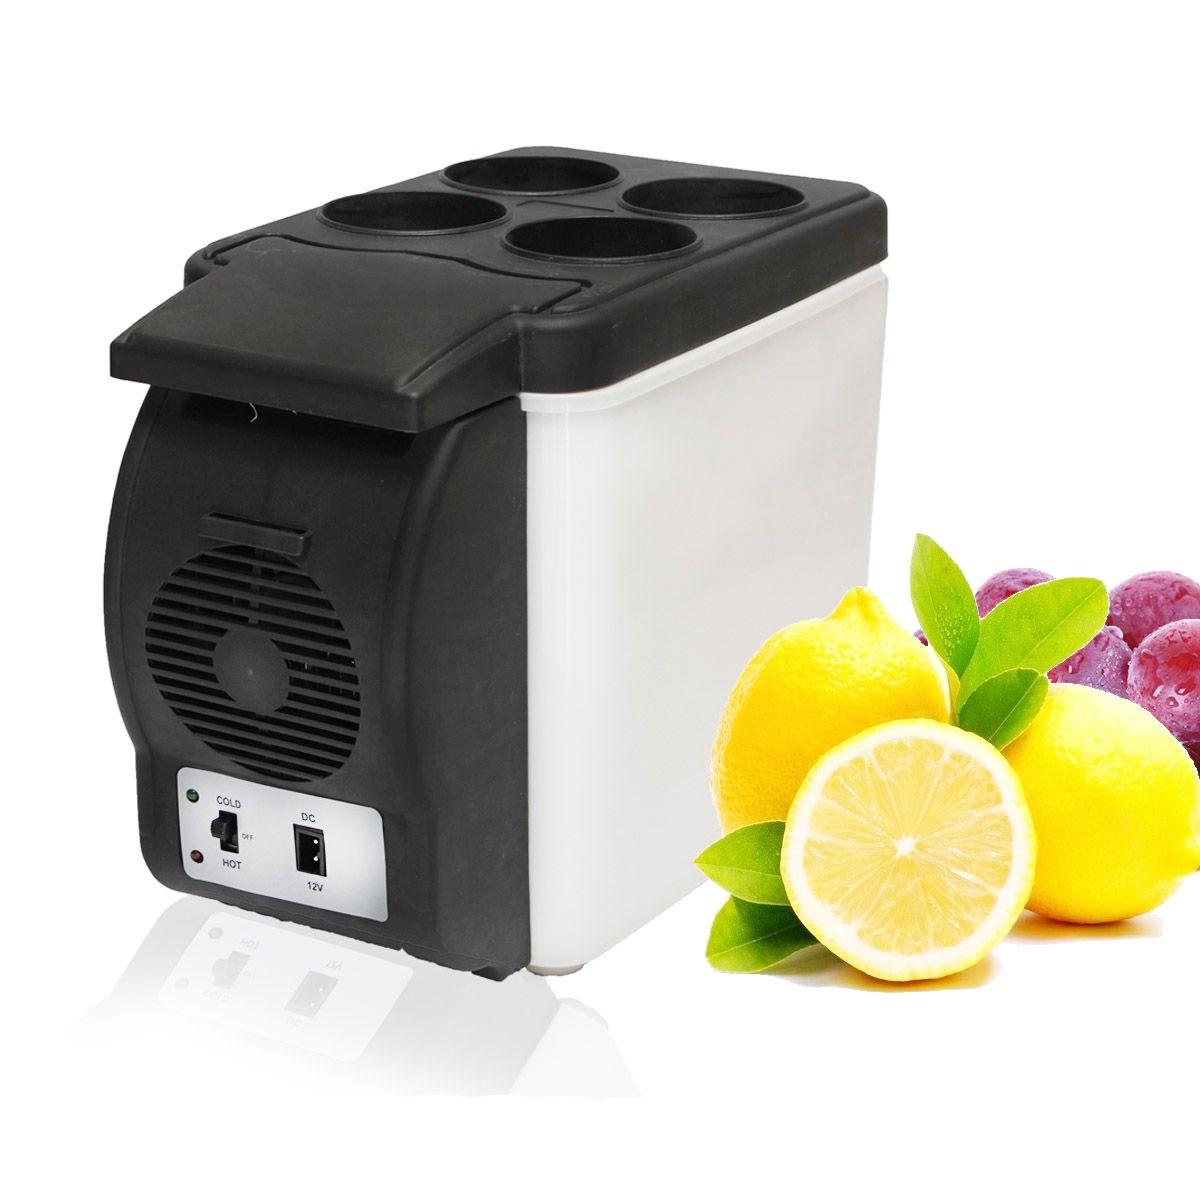 Портативный 12 В 6l авто мини-холодильник Путешествия Холодильник качество ABS Multi-Функция дома кулер морозильник теплые